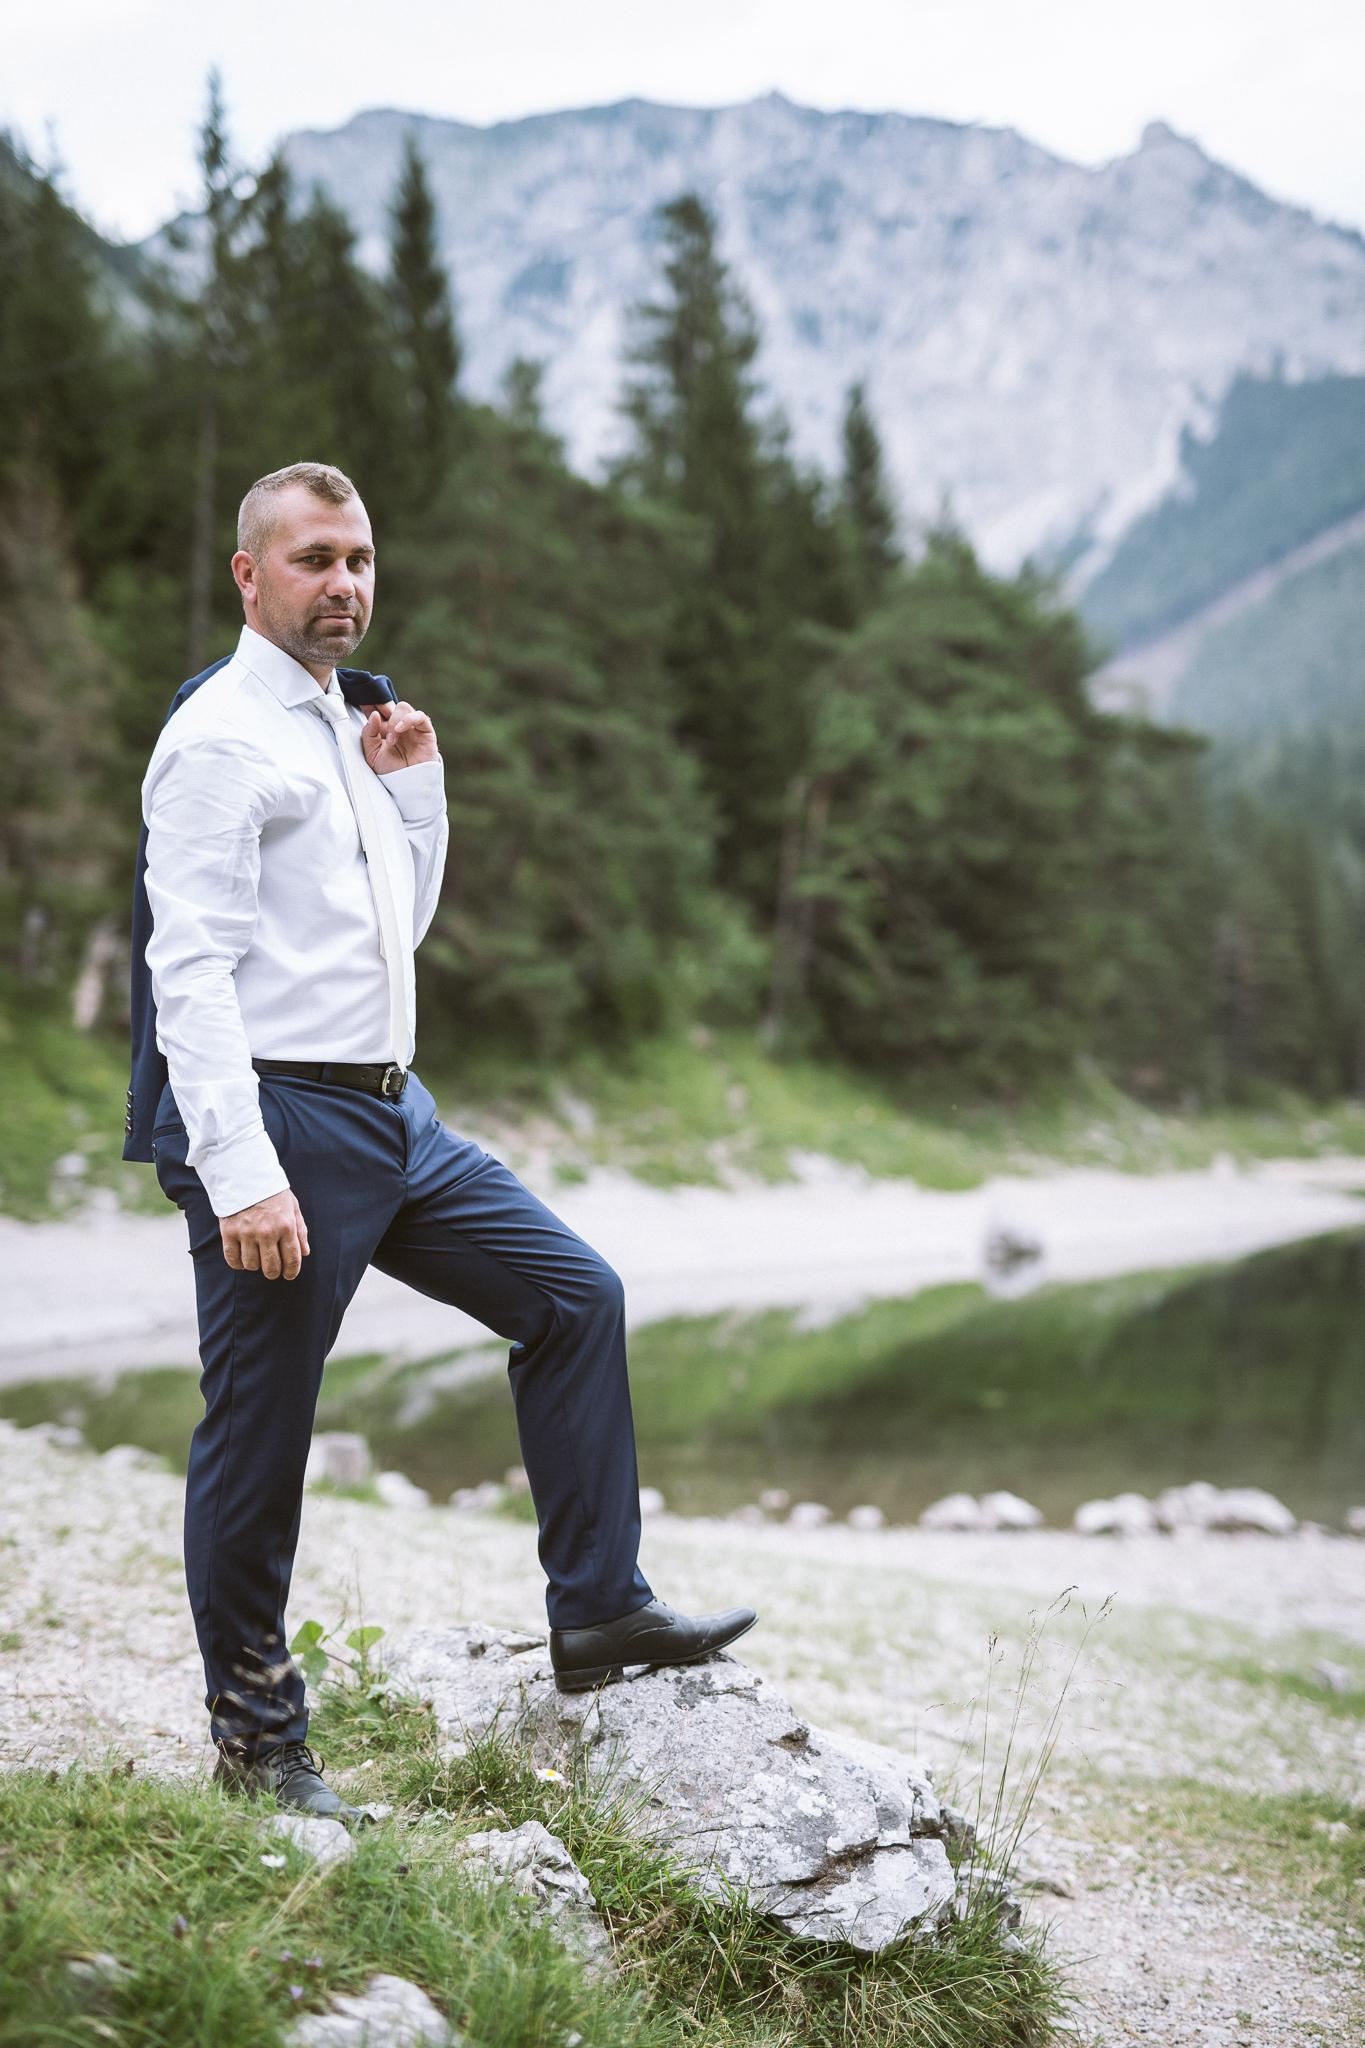 FylepPhoto, esküvőfotózás, magyarország, esküvői fotós, vasmegye, prémium, jegyesfotózás, Fülöp Péter, körmend, kreatív, grüner see_15.jpg